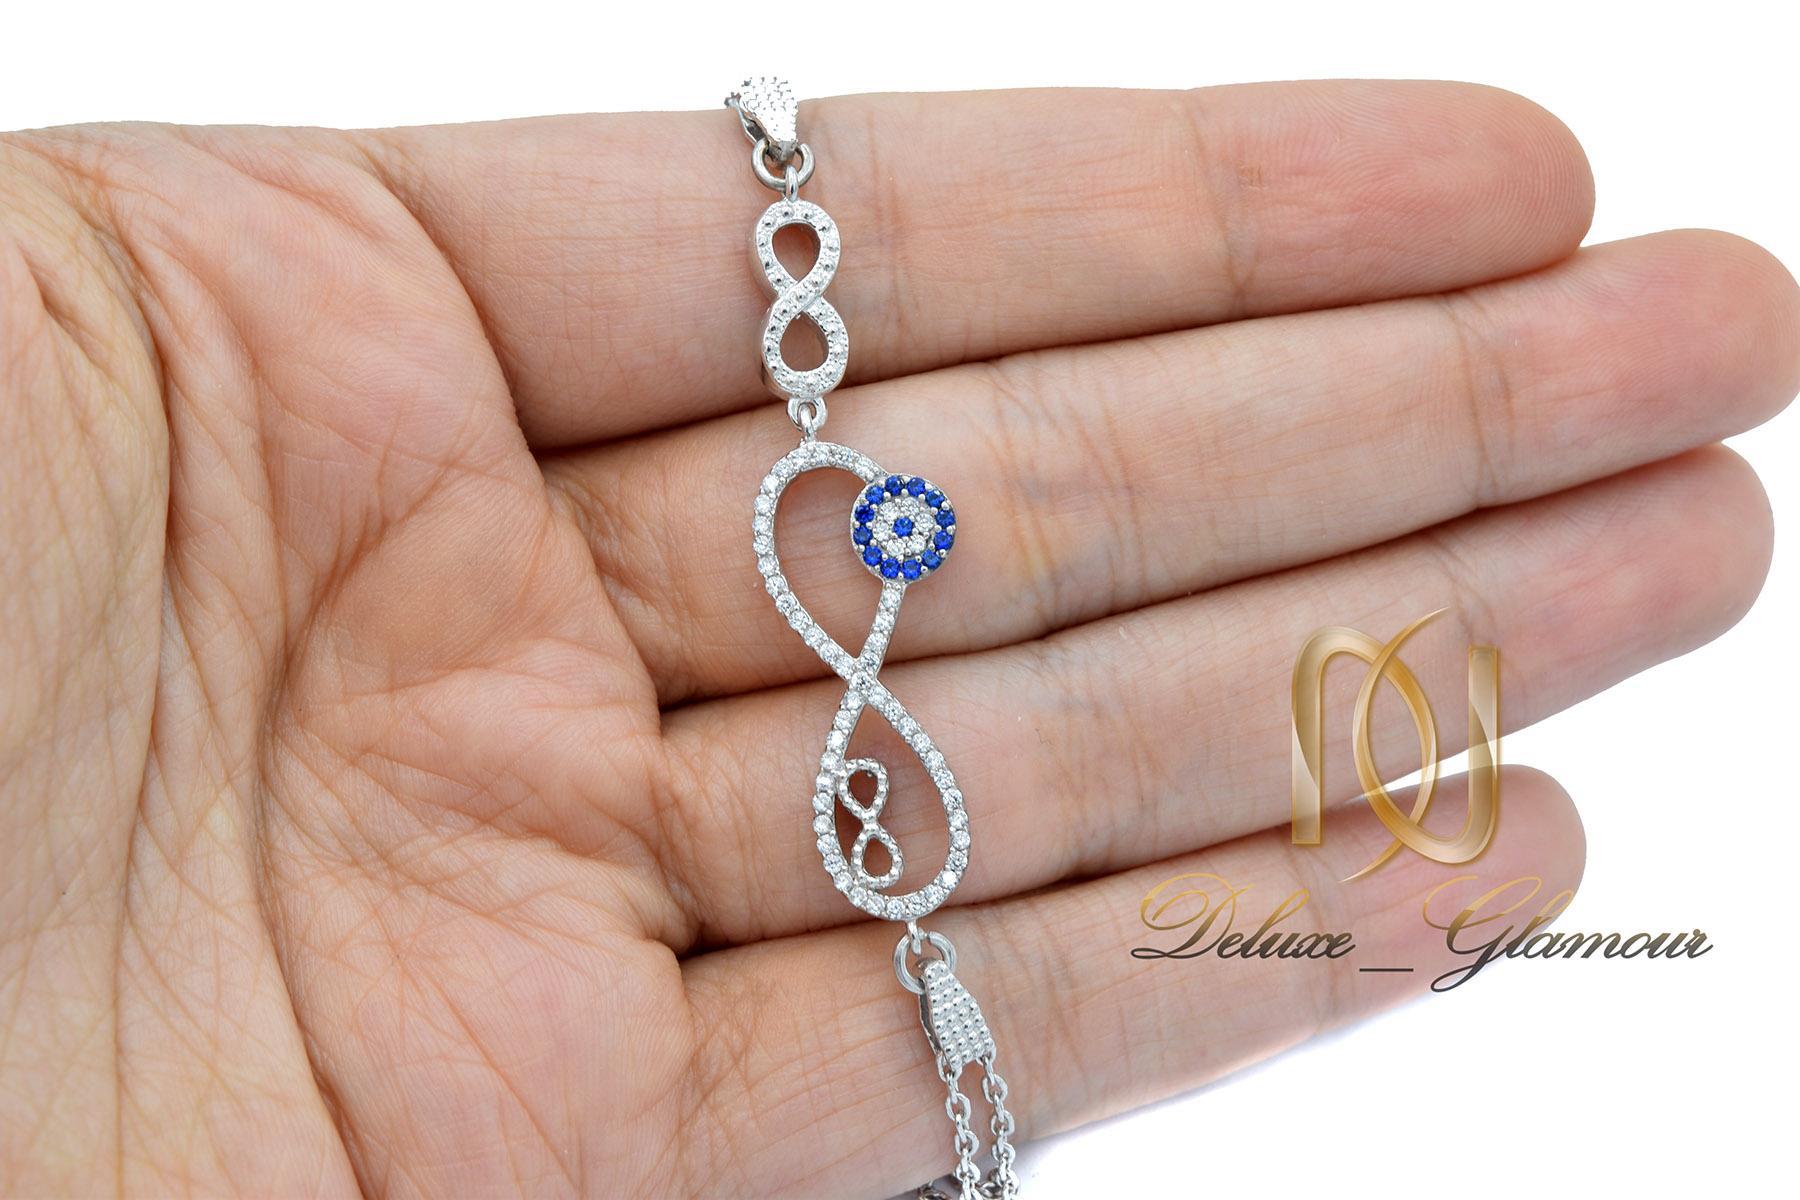 دستبند نقره دخترانه طرح بی نهایت ds-n444 از نمای روی دست